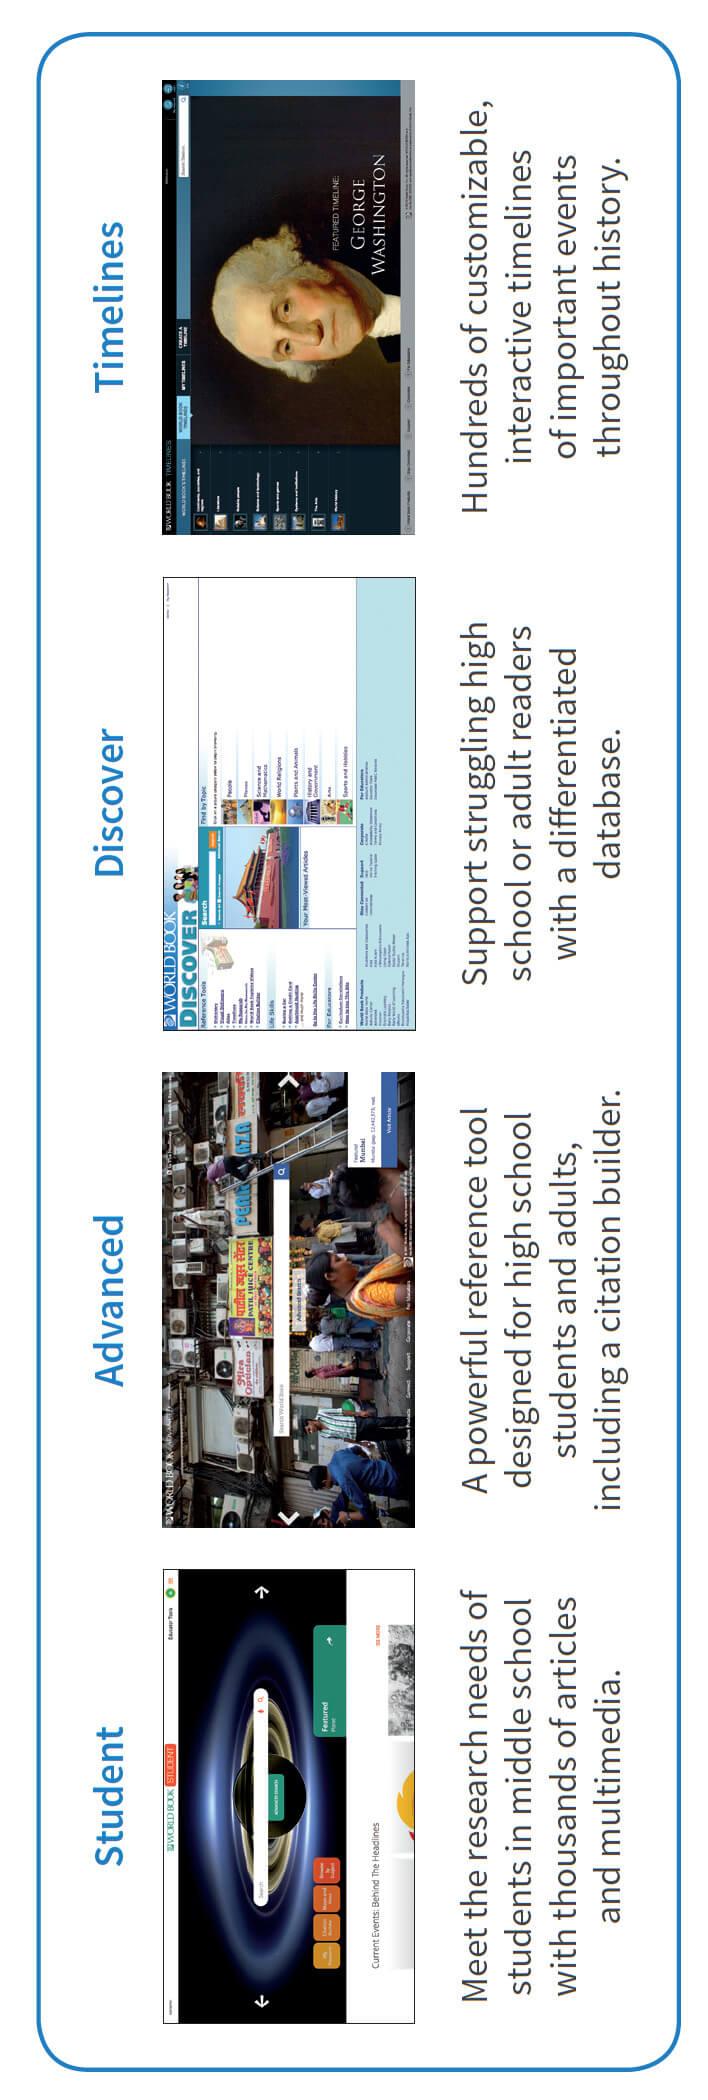 Database bookmark